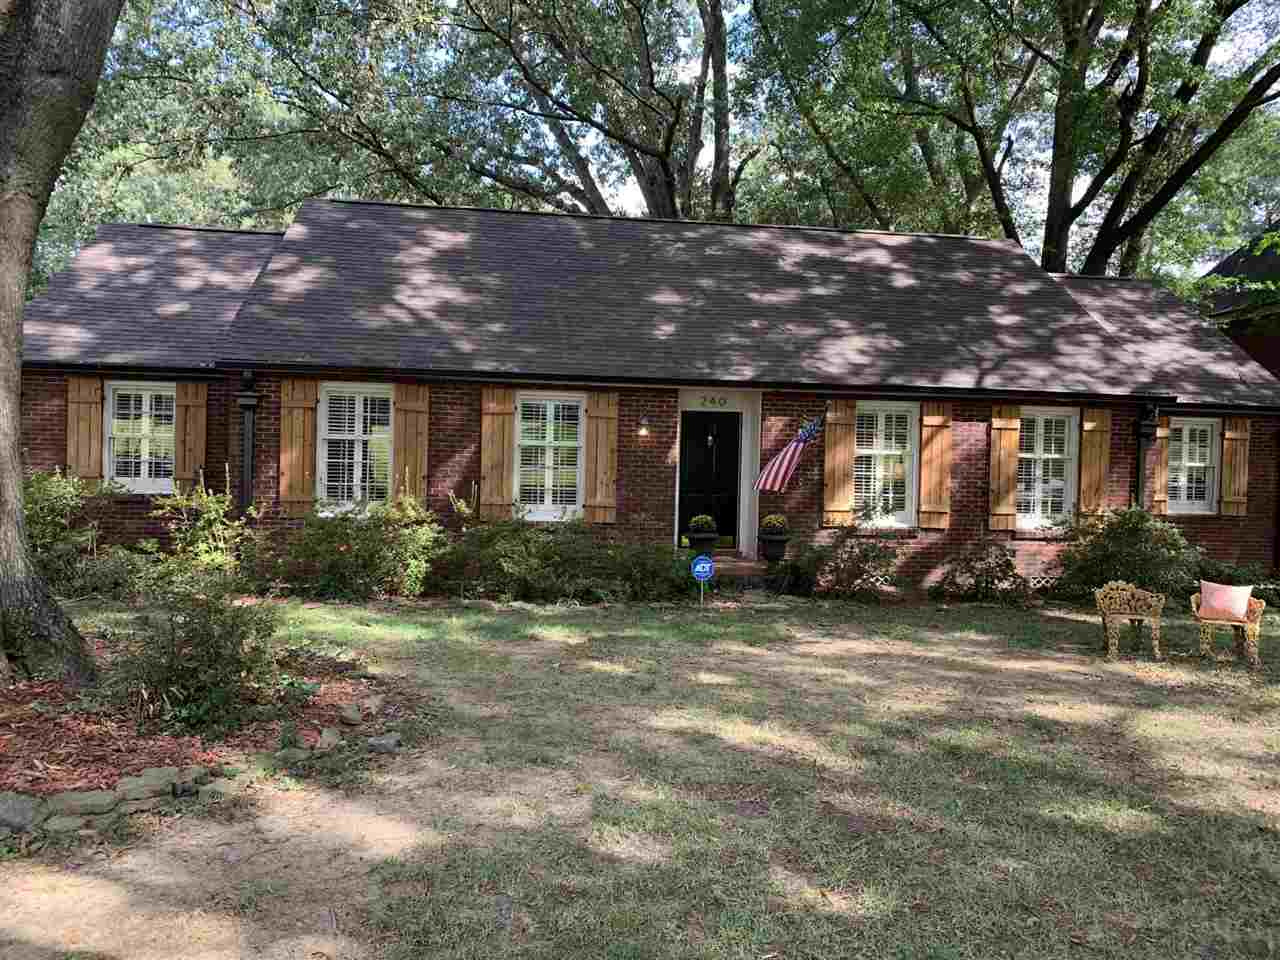 240 AVON RD, Memphis, TN 38117